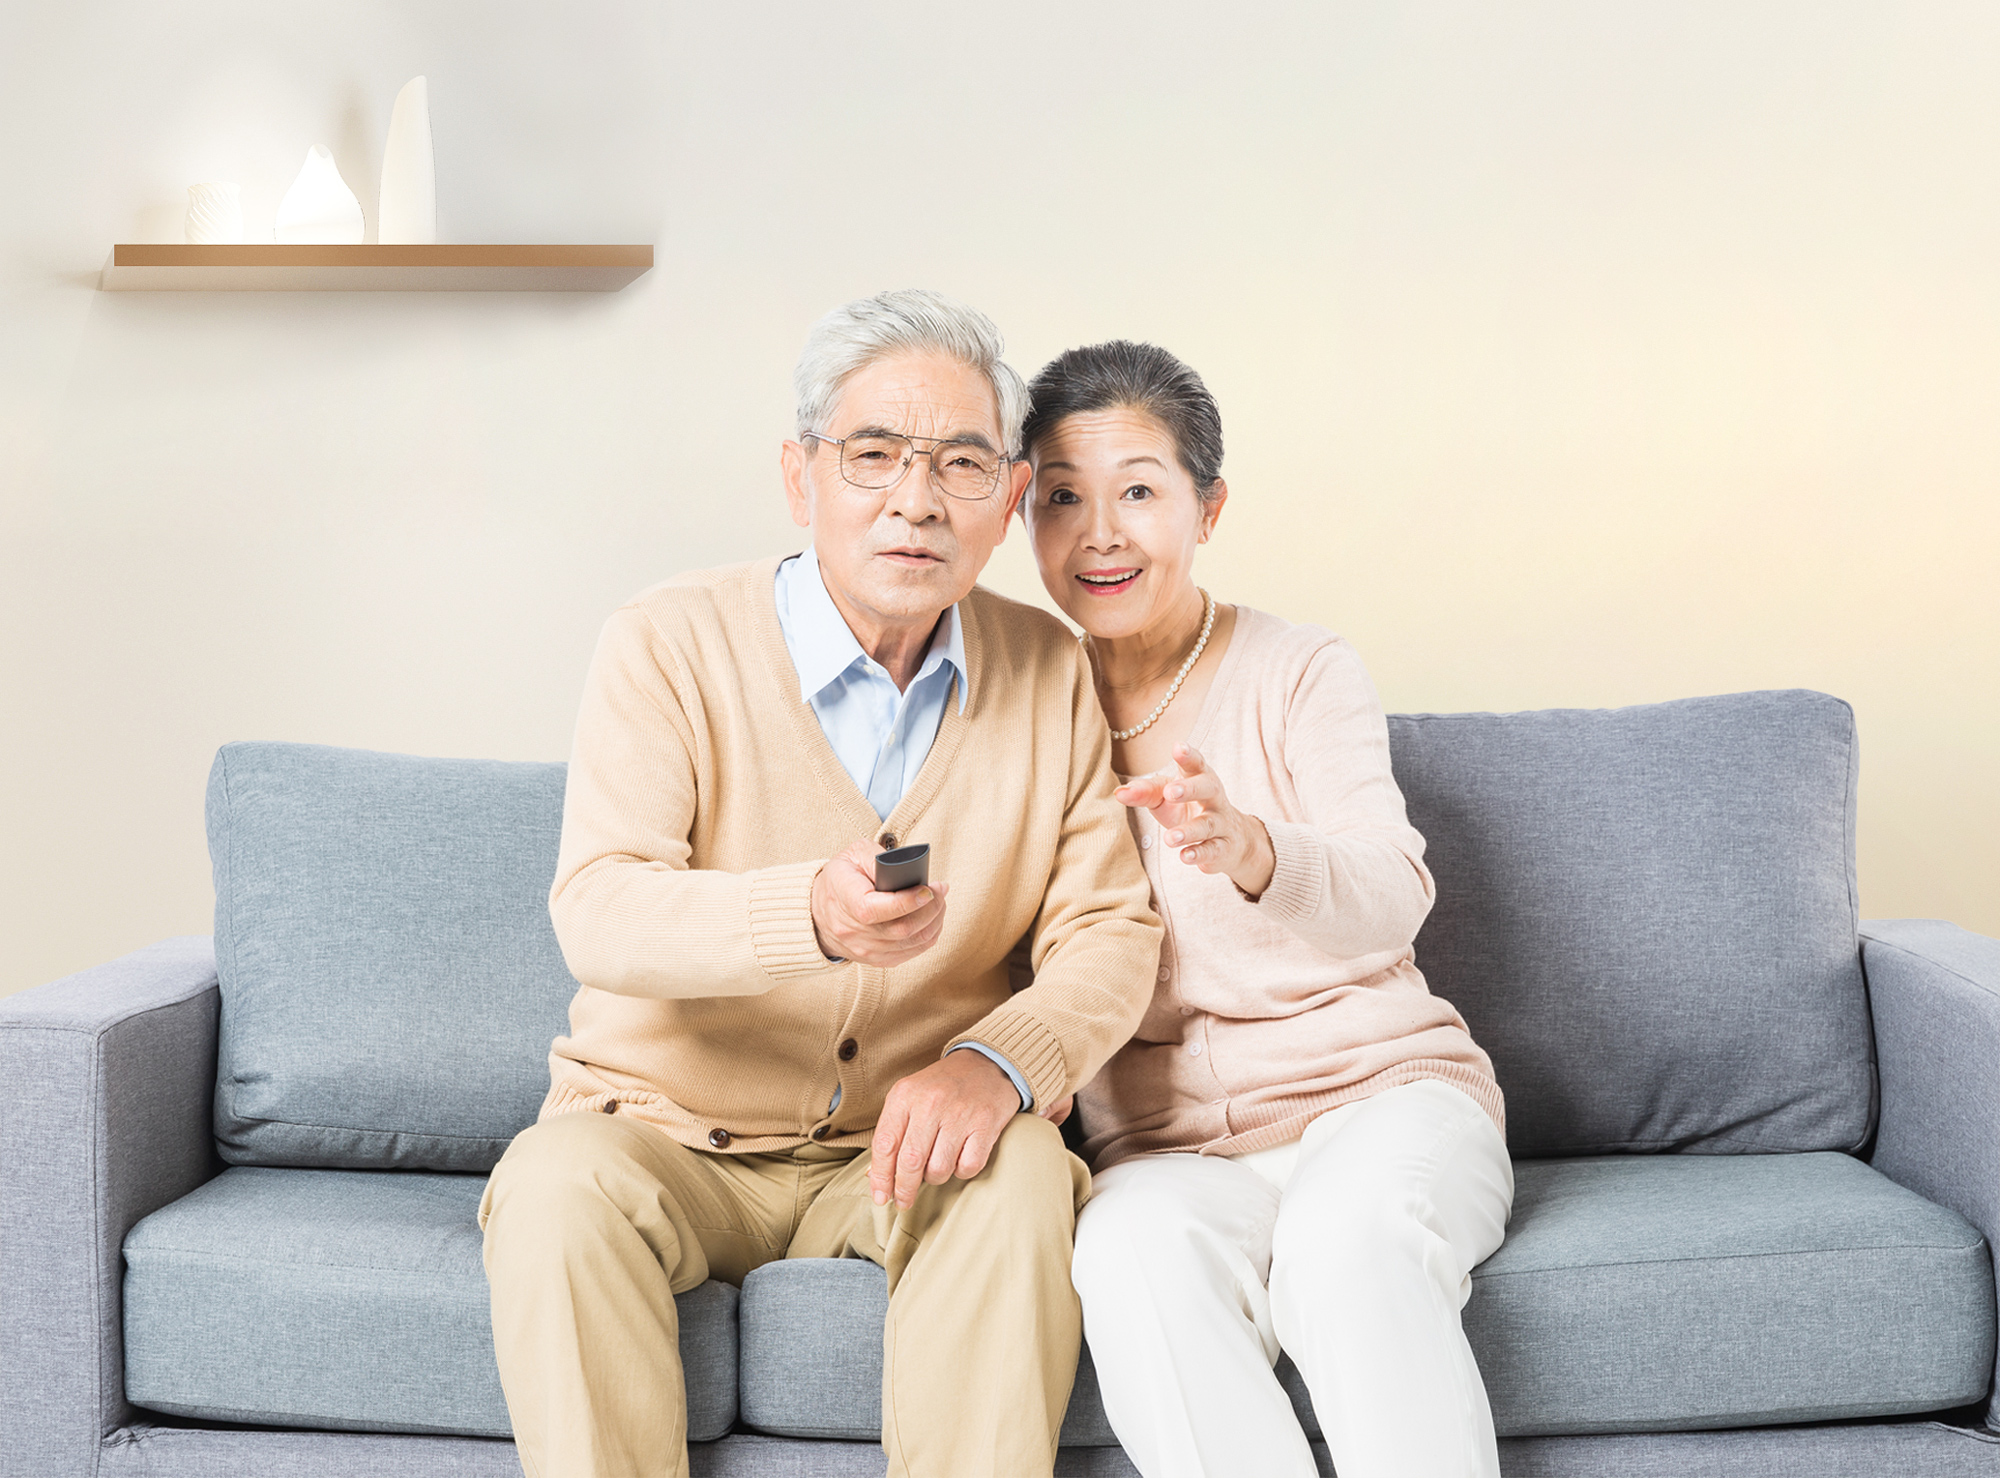 室内暖老人看电视.jpg